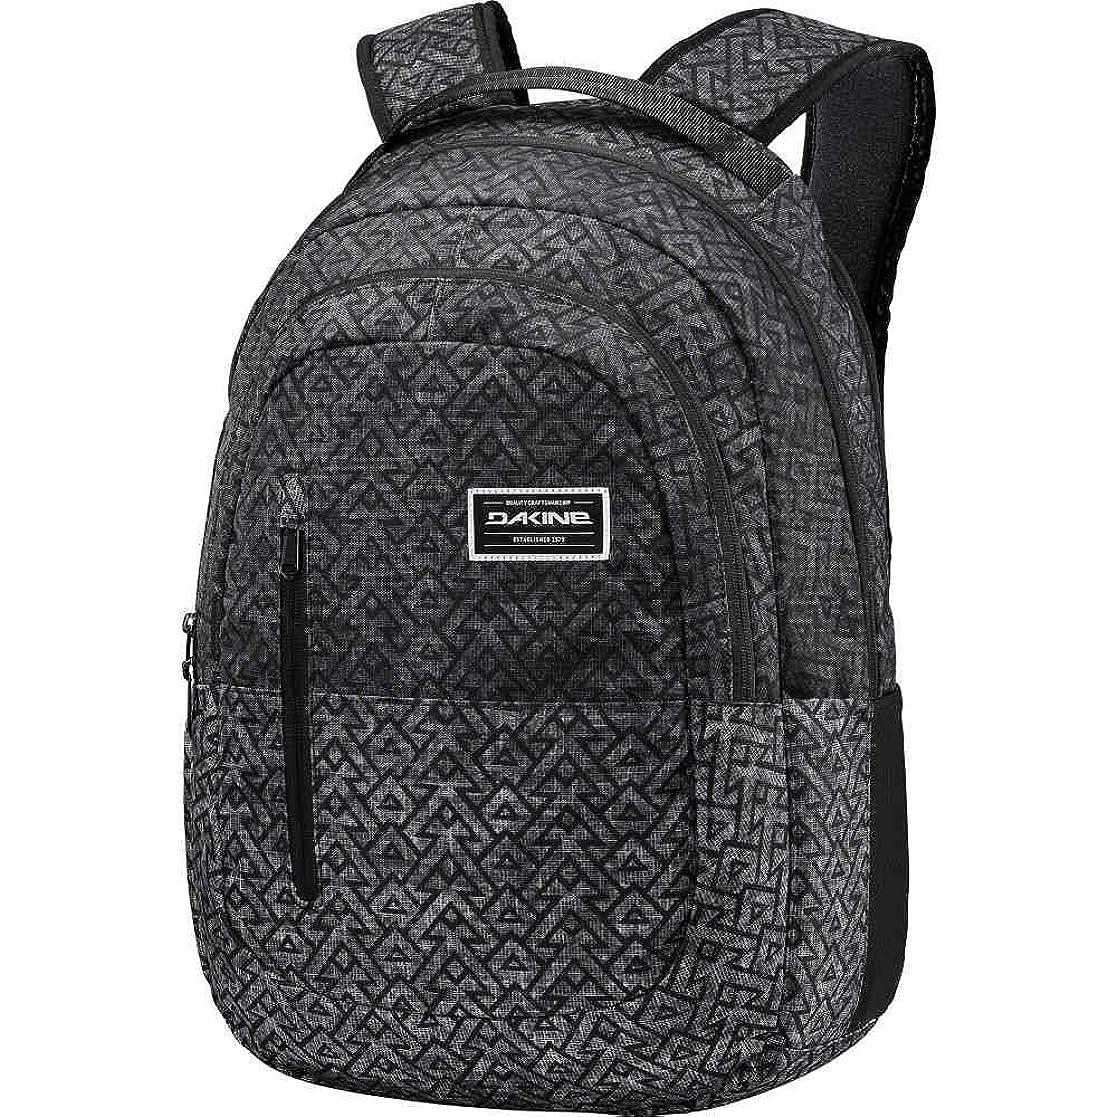 混合したオリエンタル夢(ダカイン) DAKINE メンズ バッグ パソコンバッグ Foundation 26L Laptop Backpack [並行輸入品]